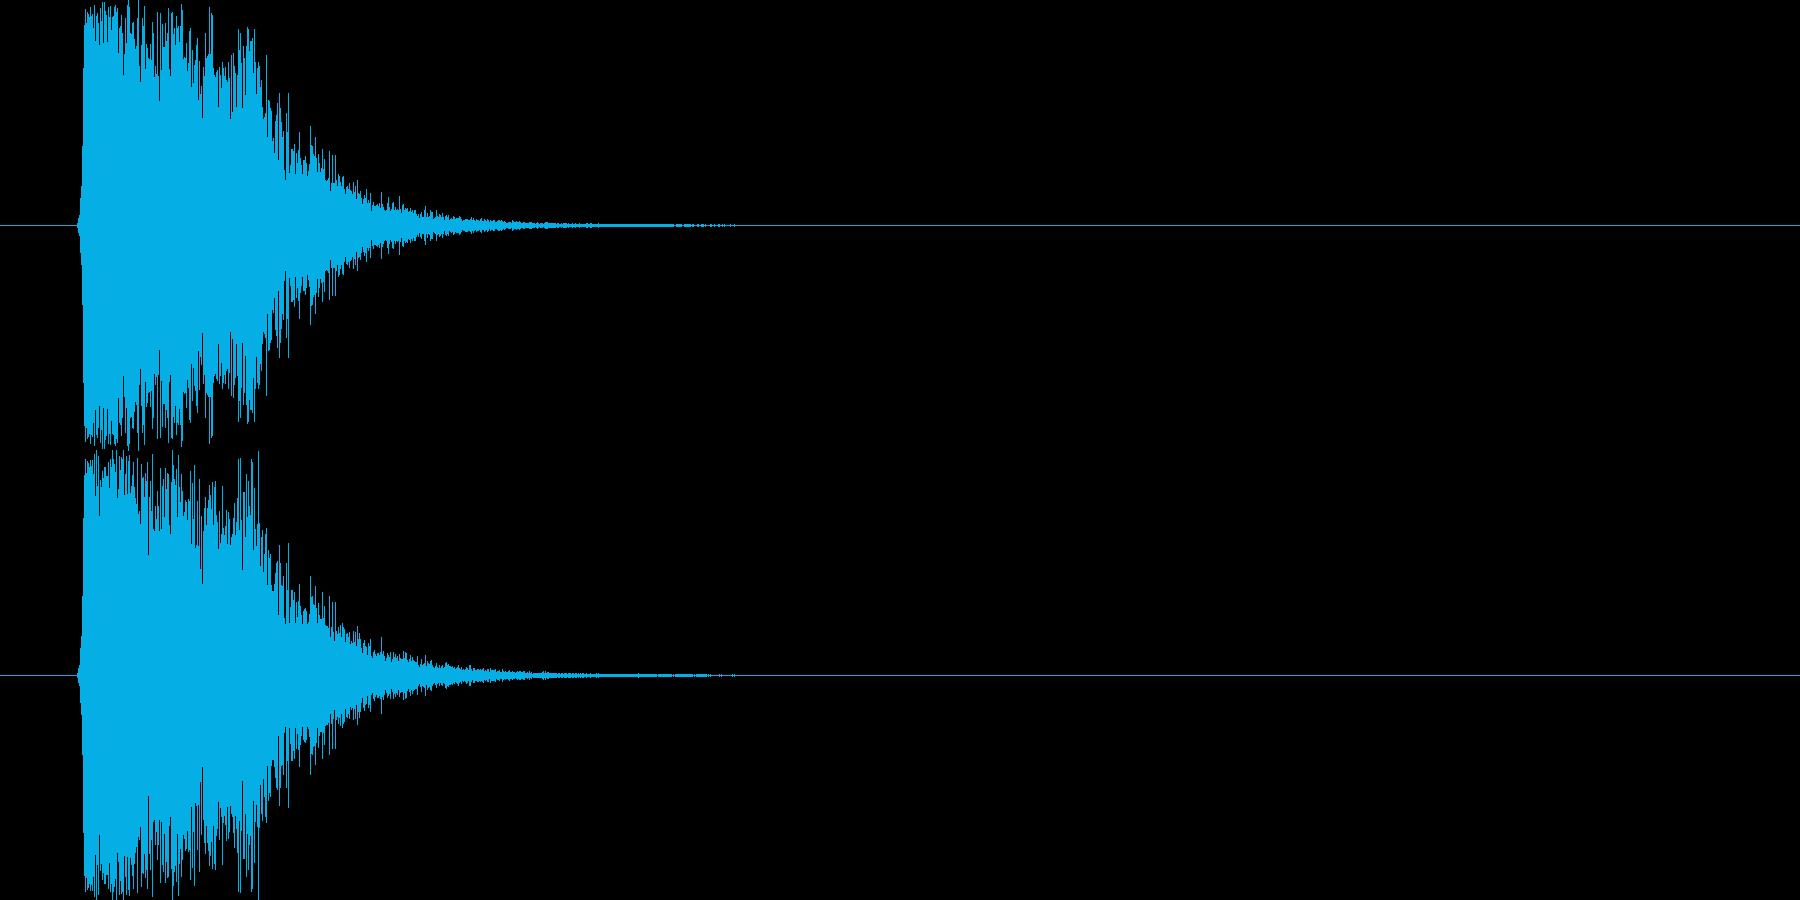 シンセ系攻撃SE(発射音)の再生済みの波形